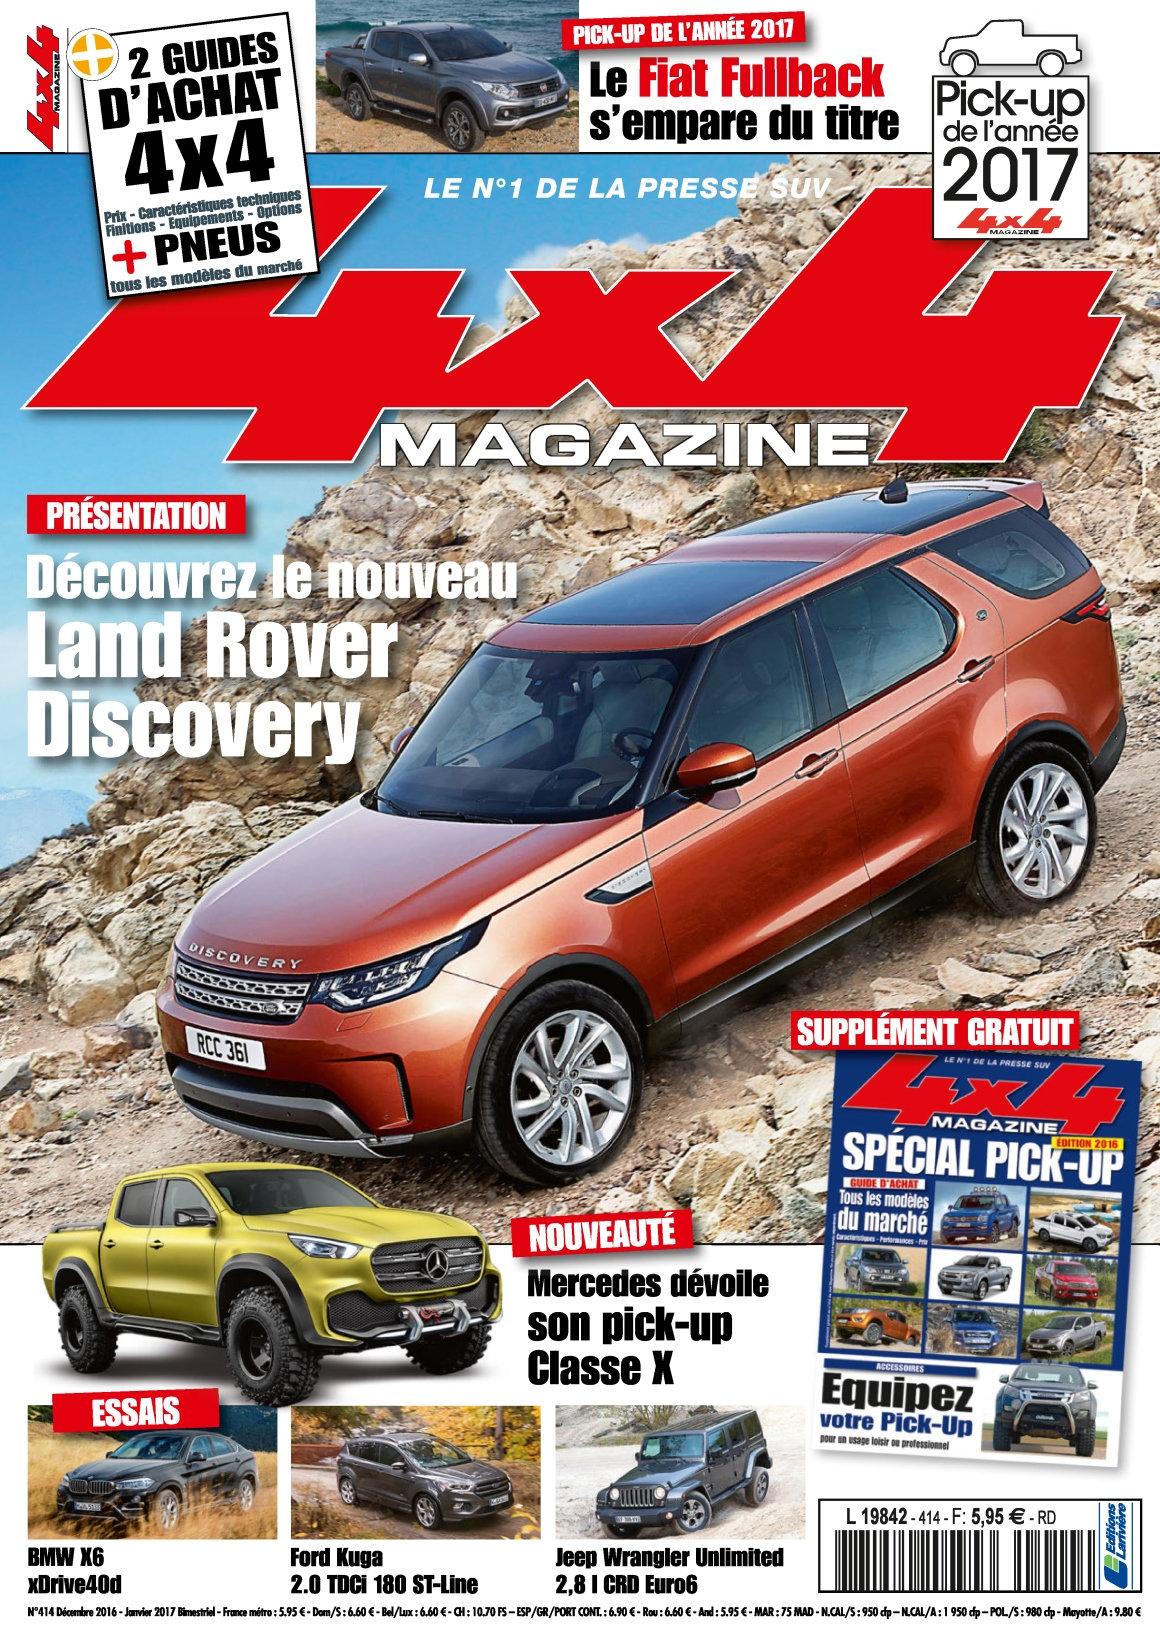 4x4 magazine N°414 - Décembre 2016/Janvier 2017